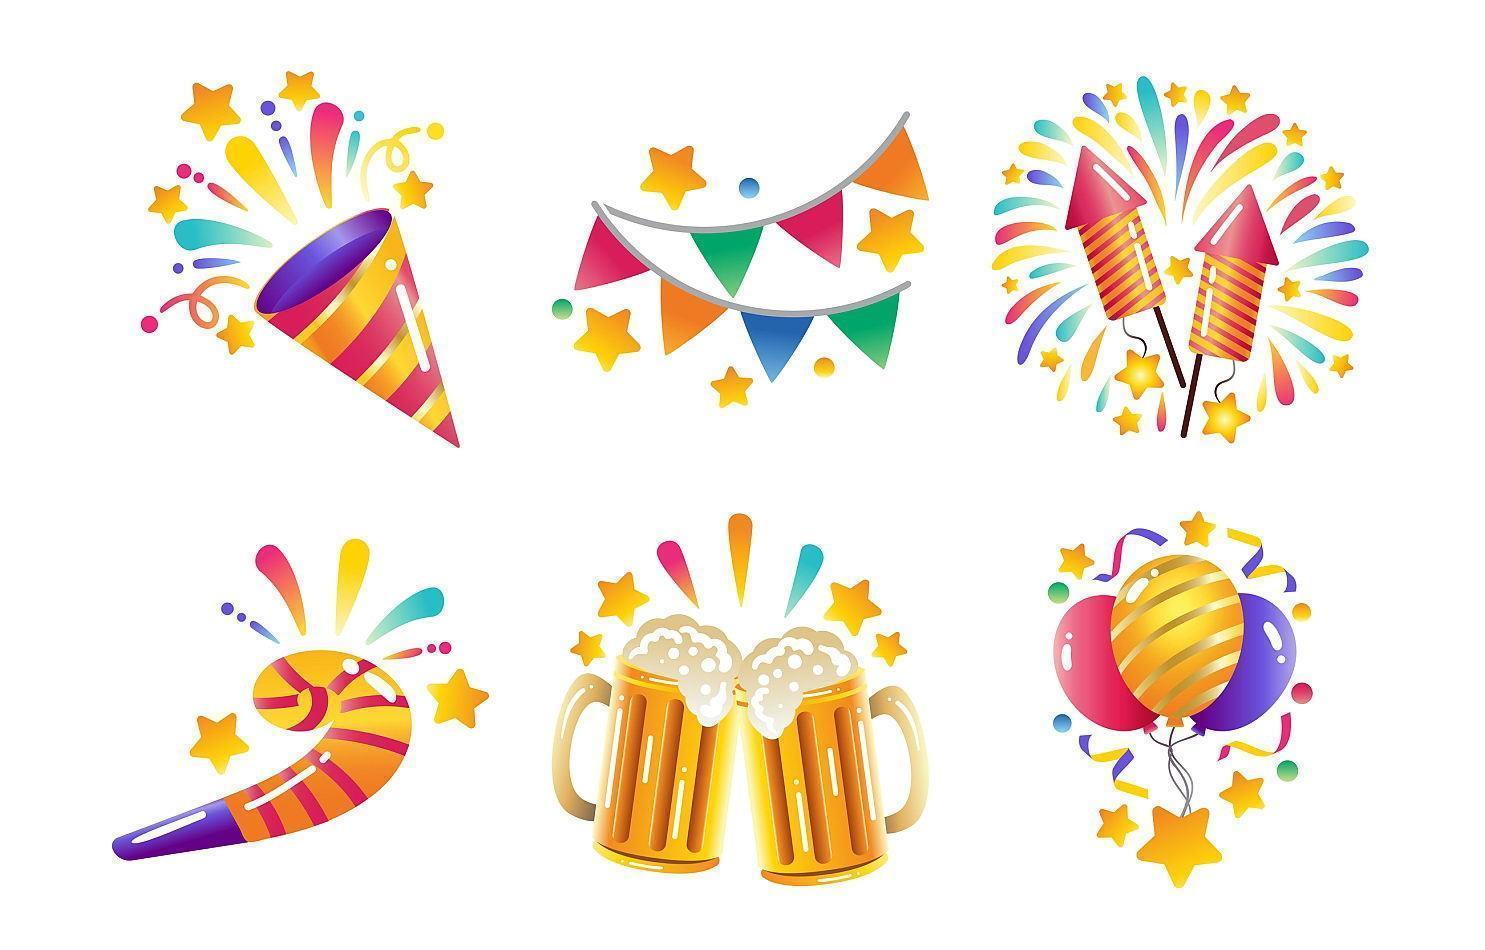 icônes de fête du nouvel an coloré vecteur